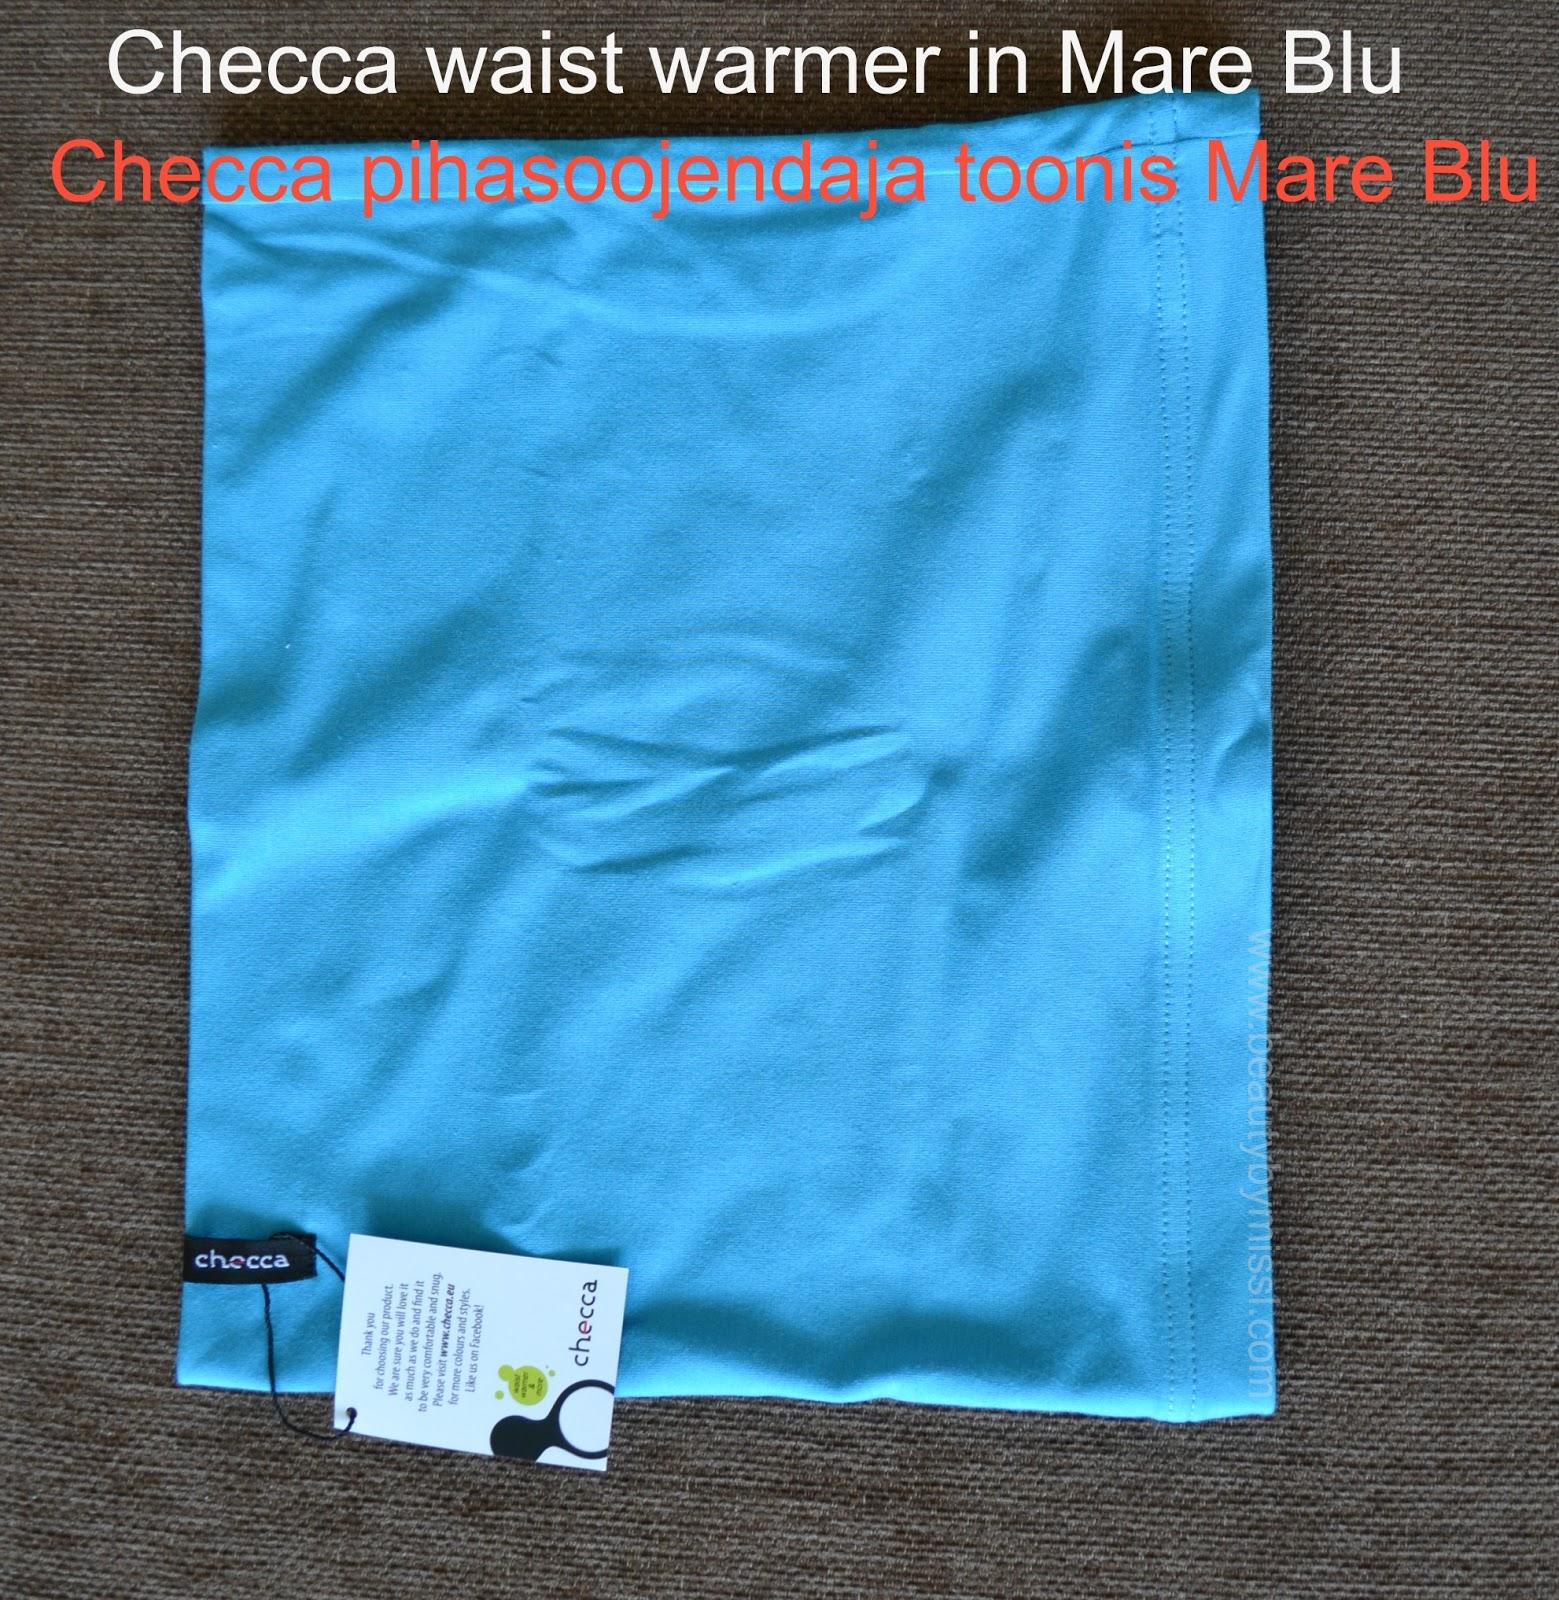 checca pihasoojendaja Mare Blu